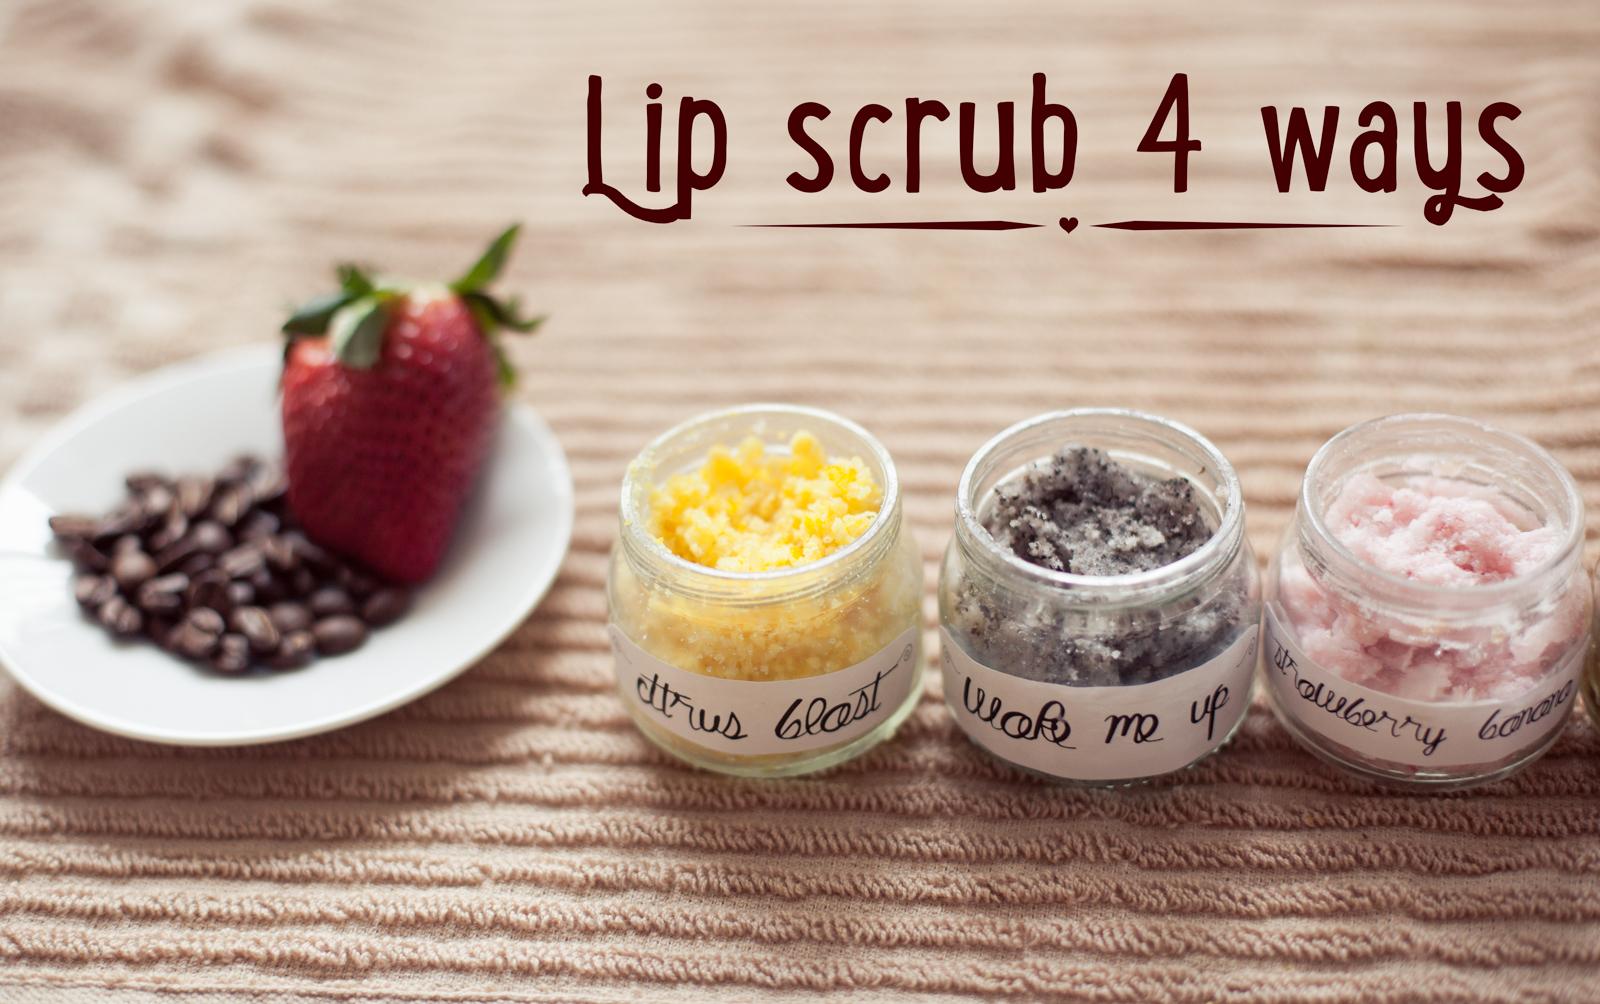 diy lip scrub four ways chantilly